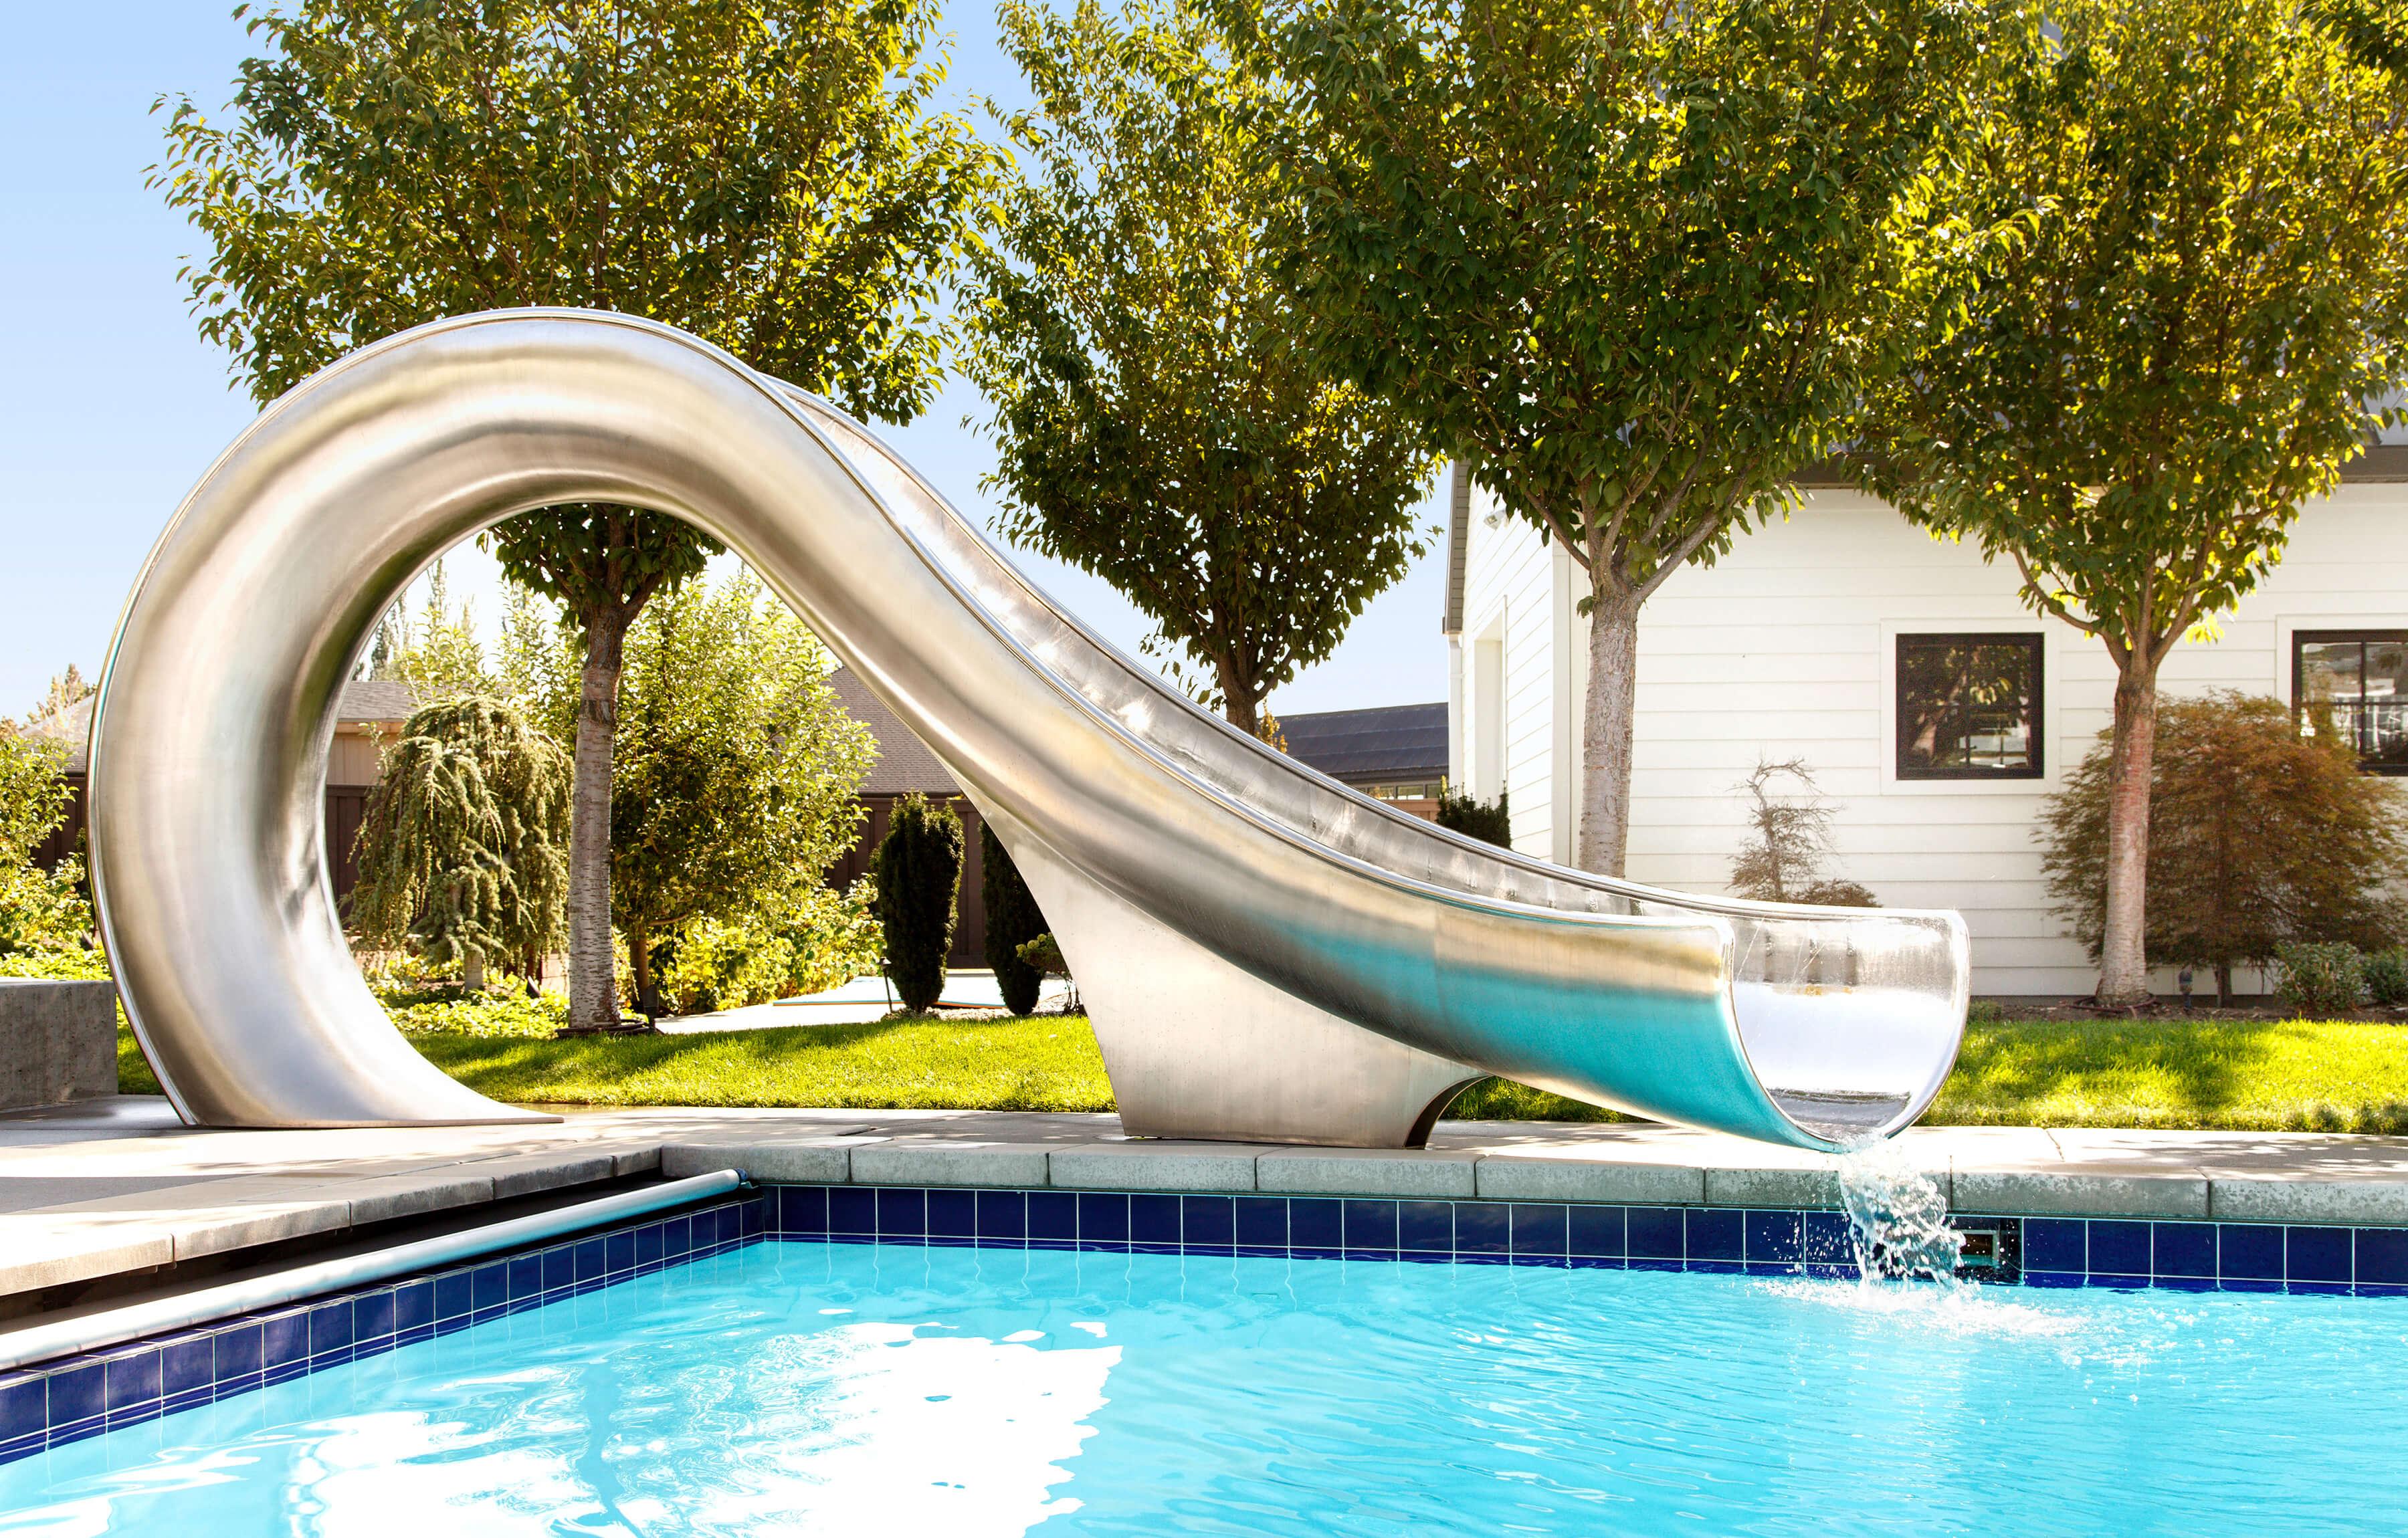 Slides residential water swimming pool Waterslides